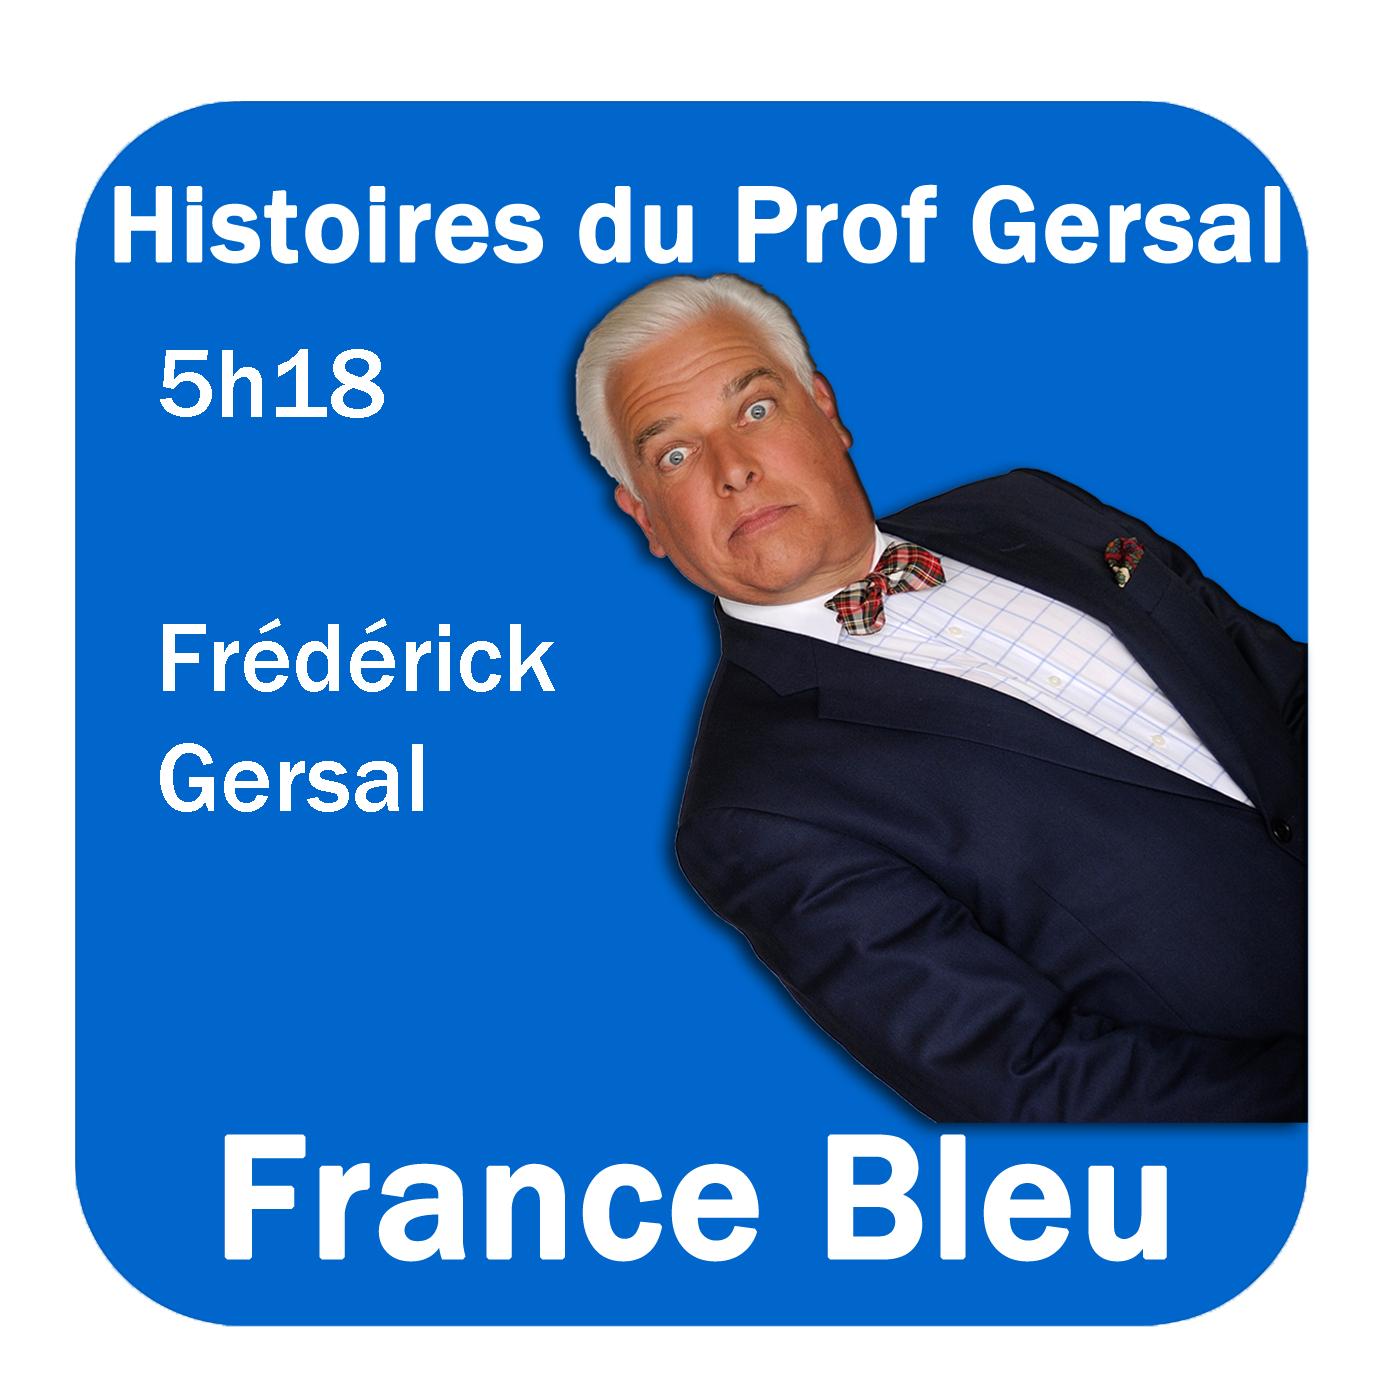 Histoires du Prof Gersal France Bleu